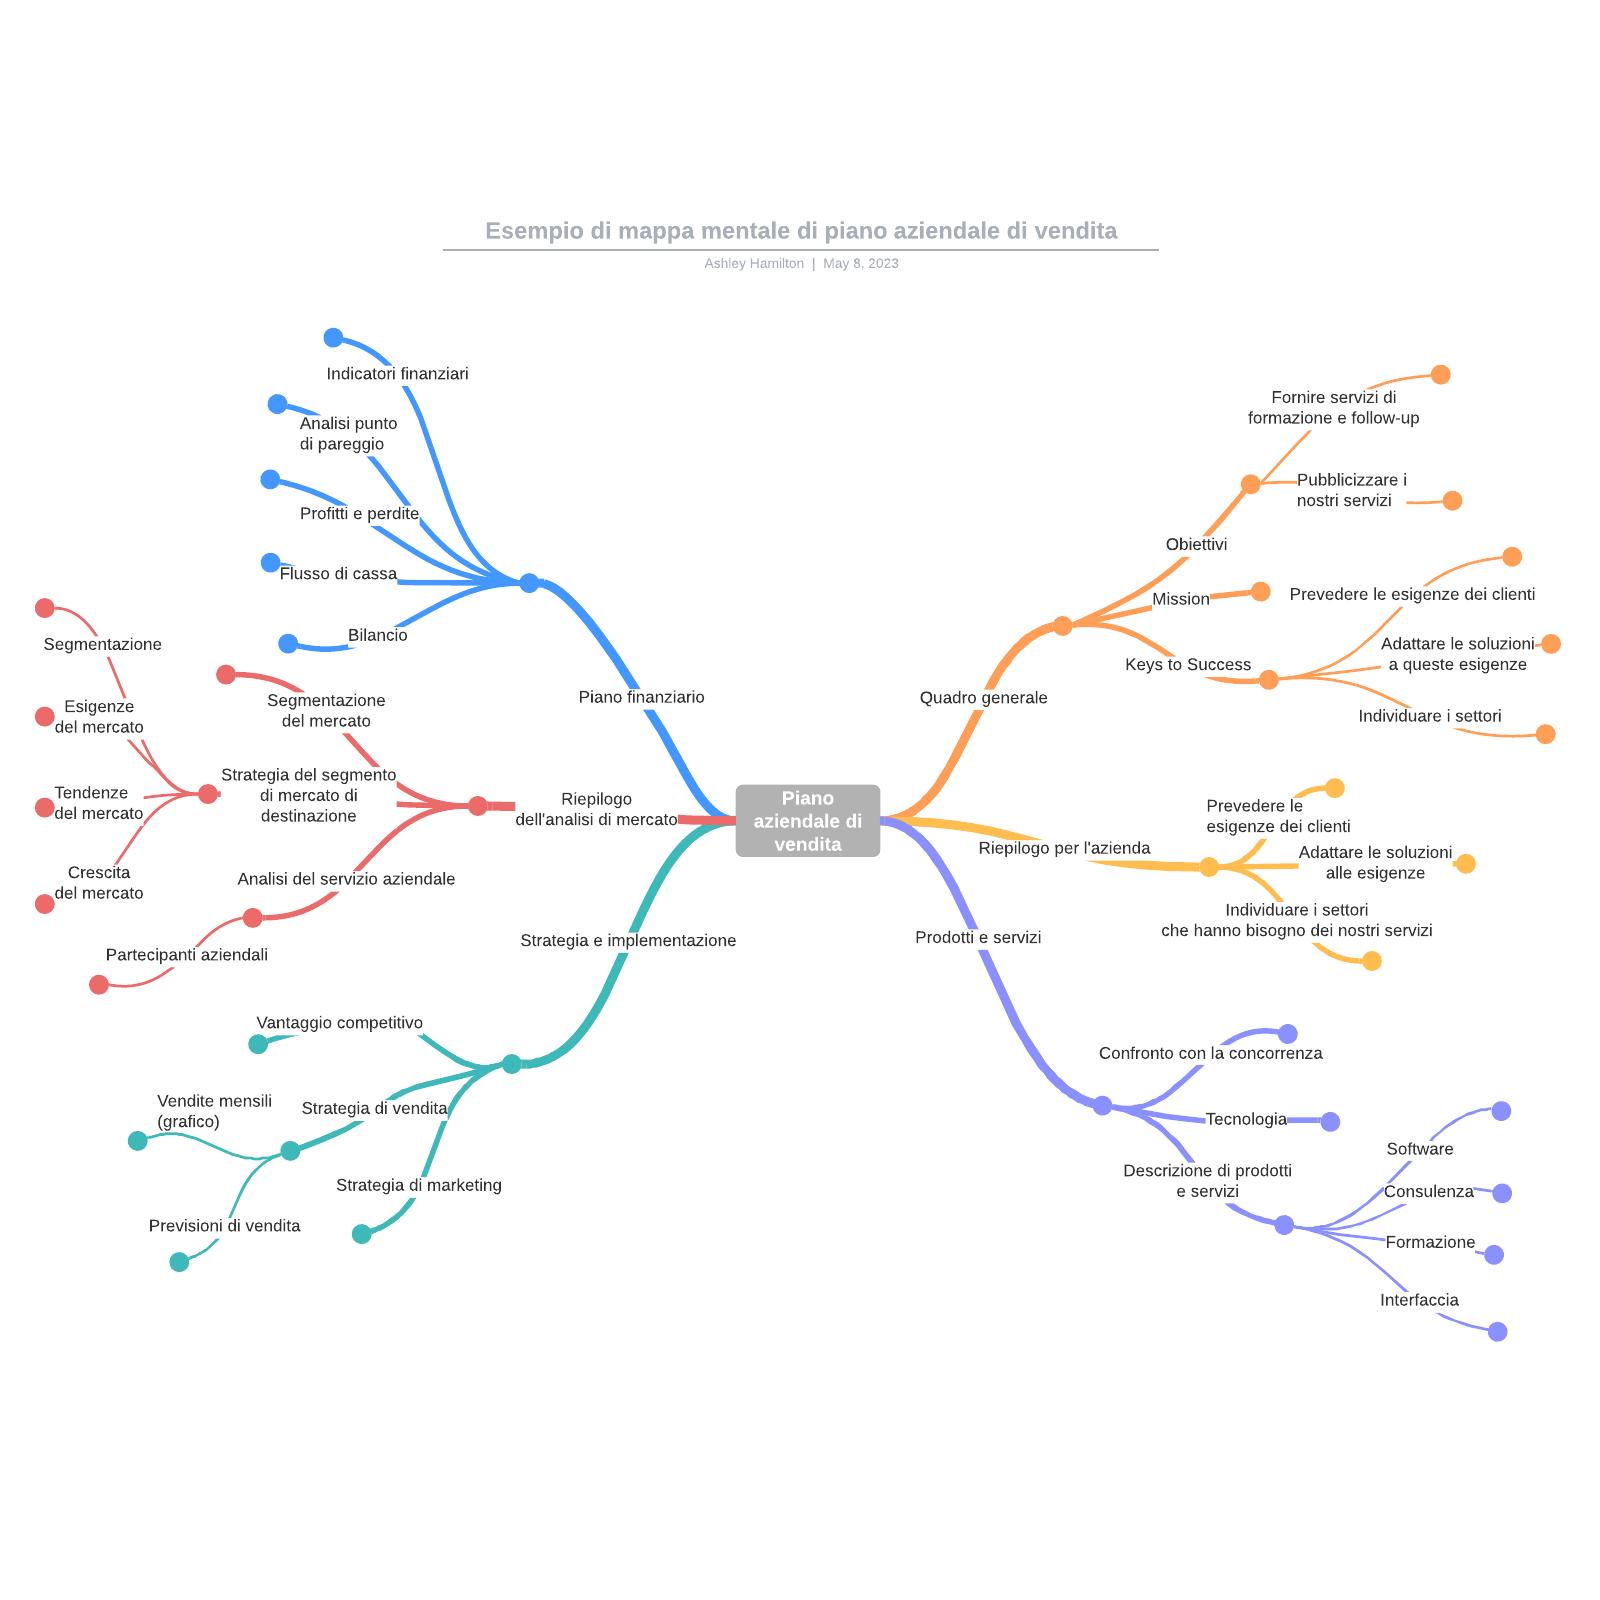 Esempio di mappa mentale di piano aziendale di vendita